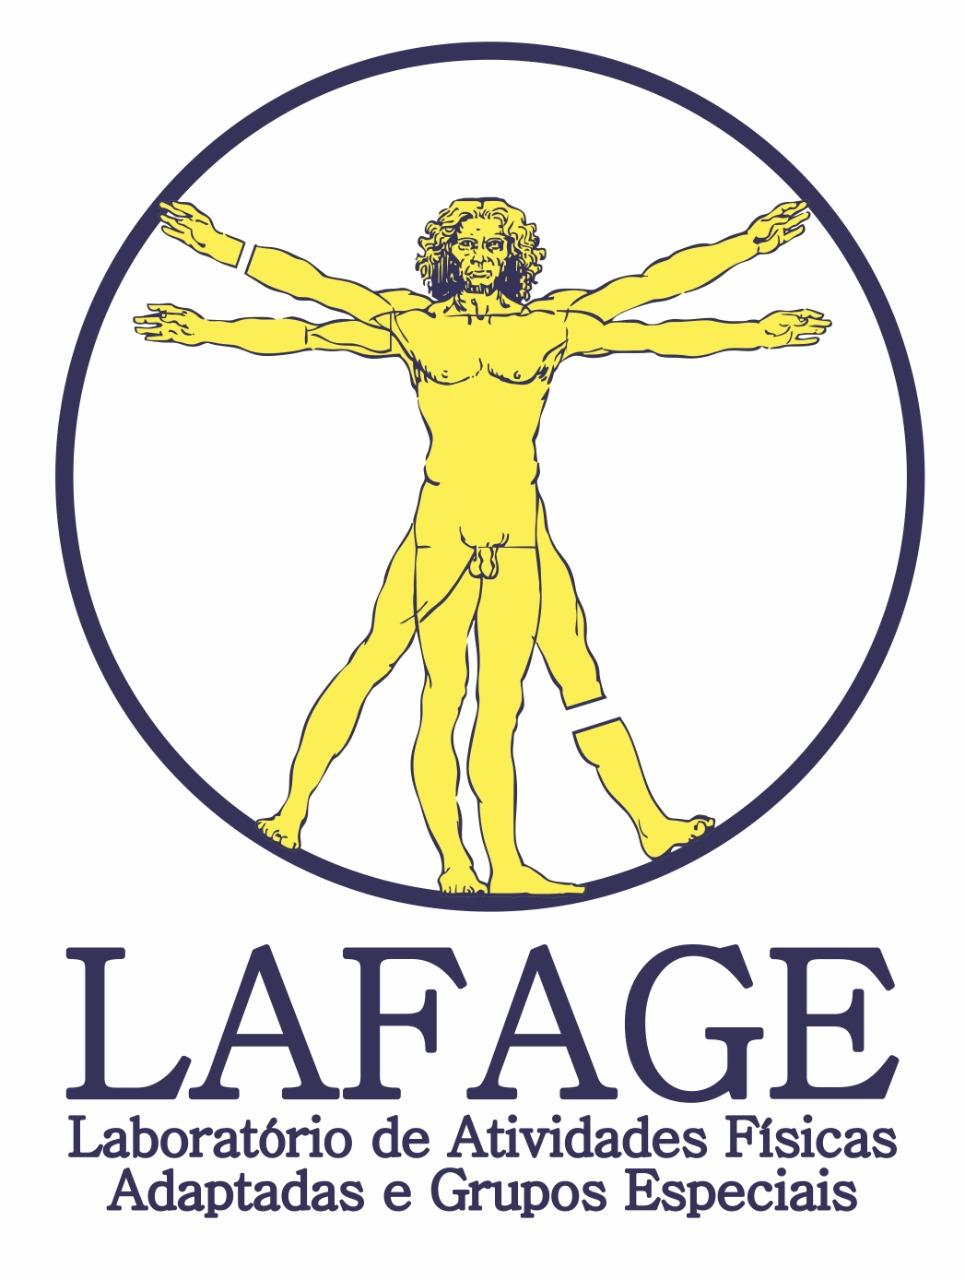 LAFAGE